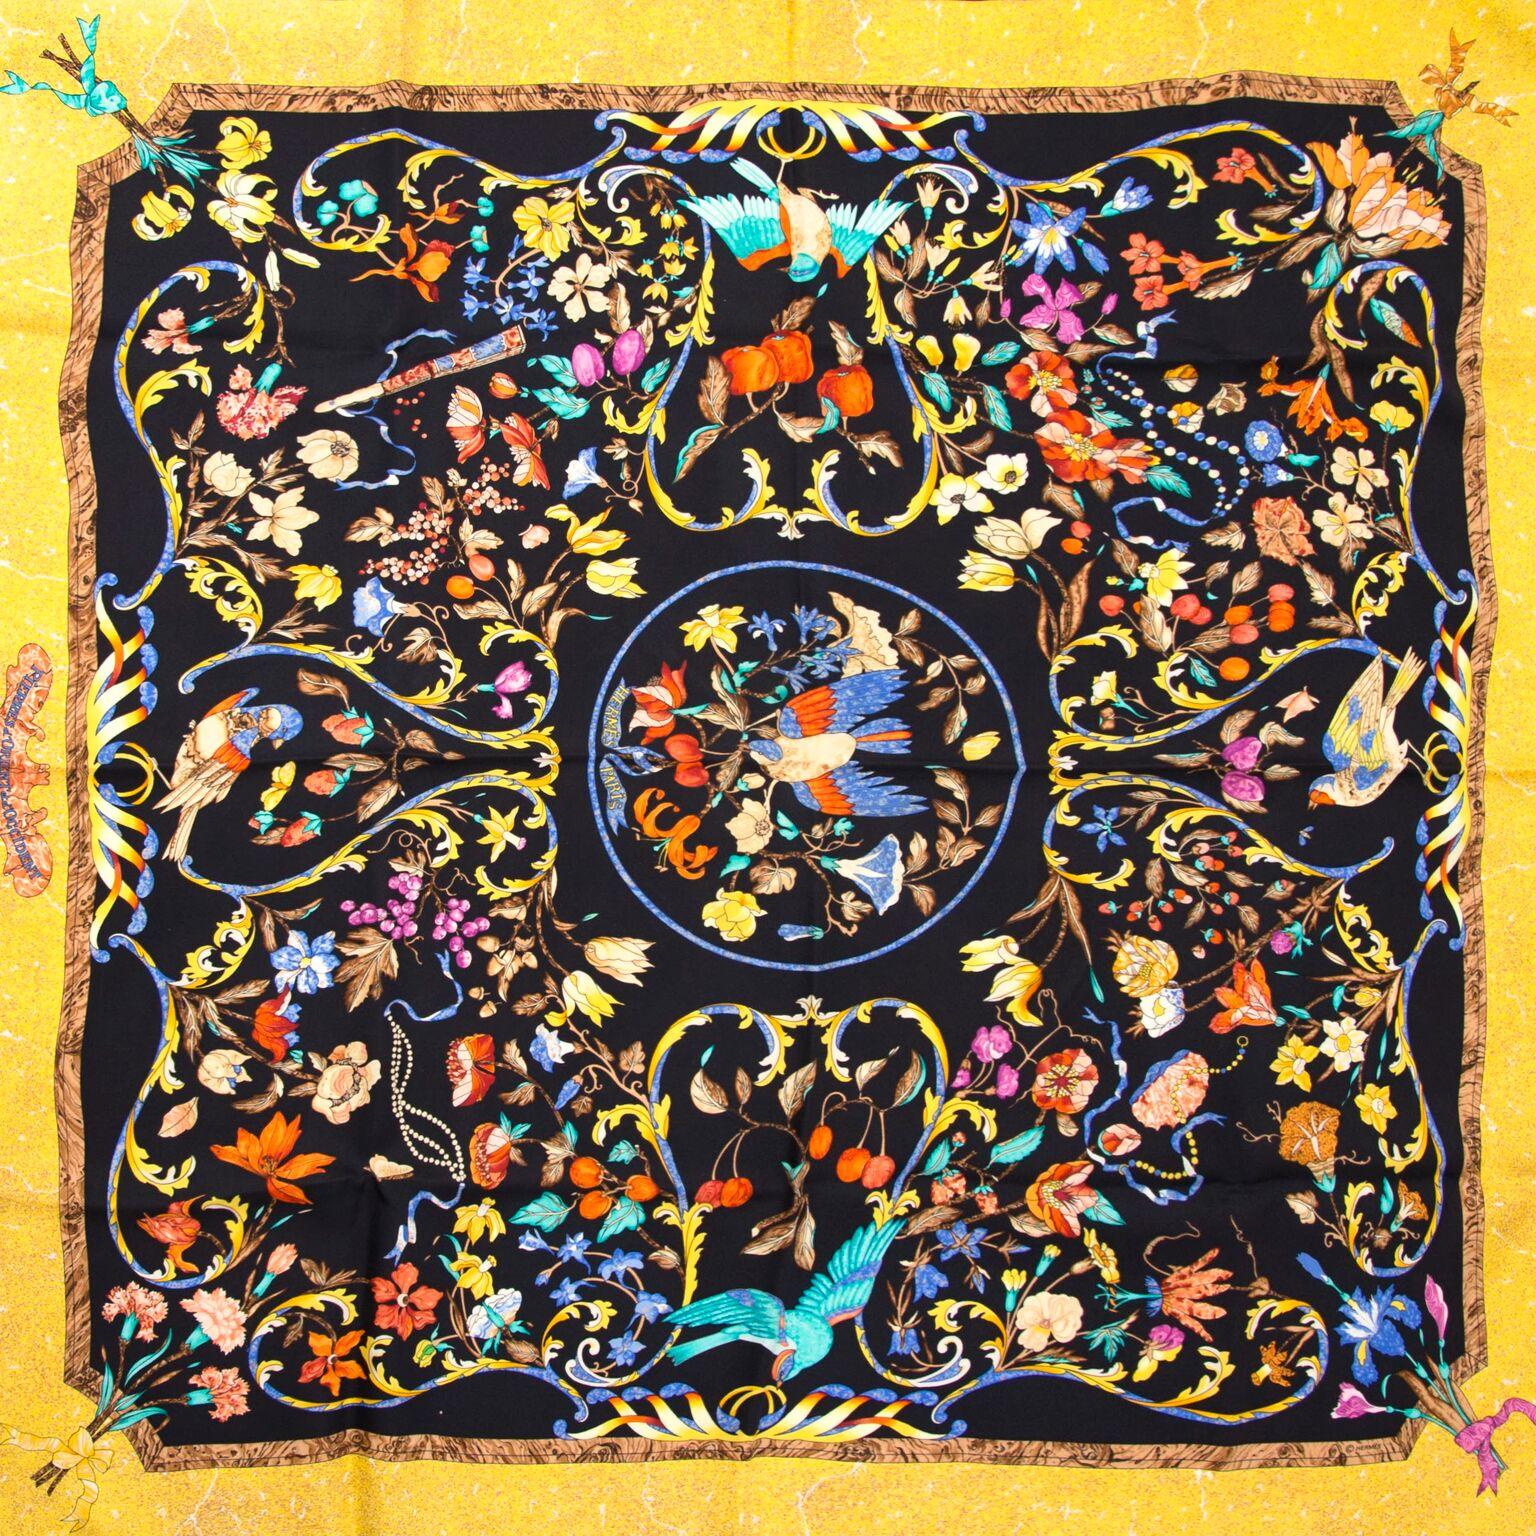 Prachtige zijden sjaal van Hermès, nu te koop op labellov.com